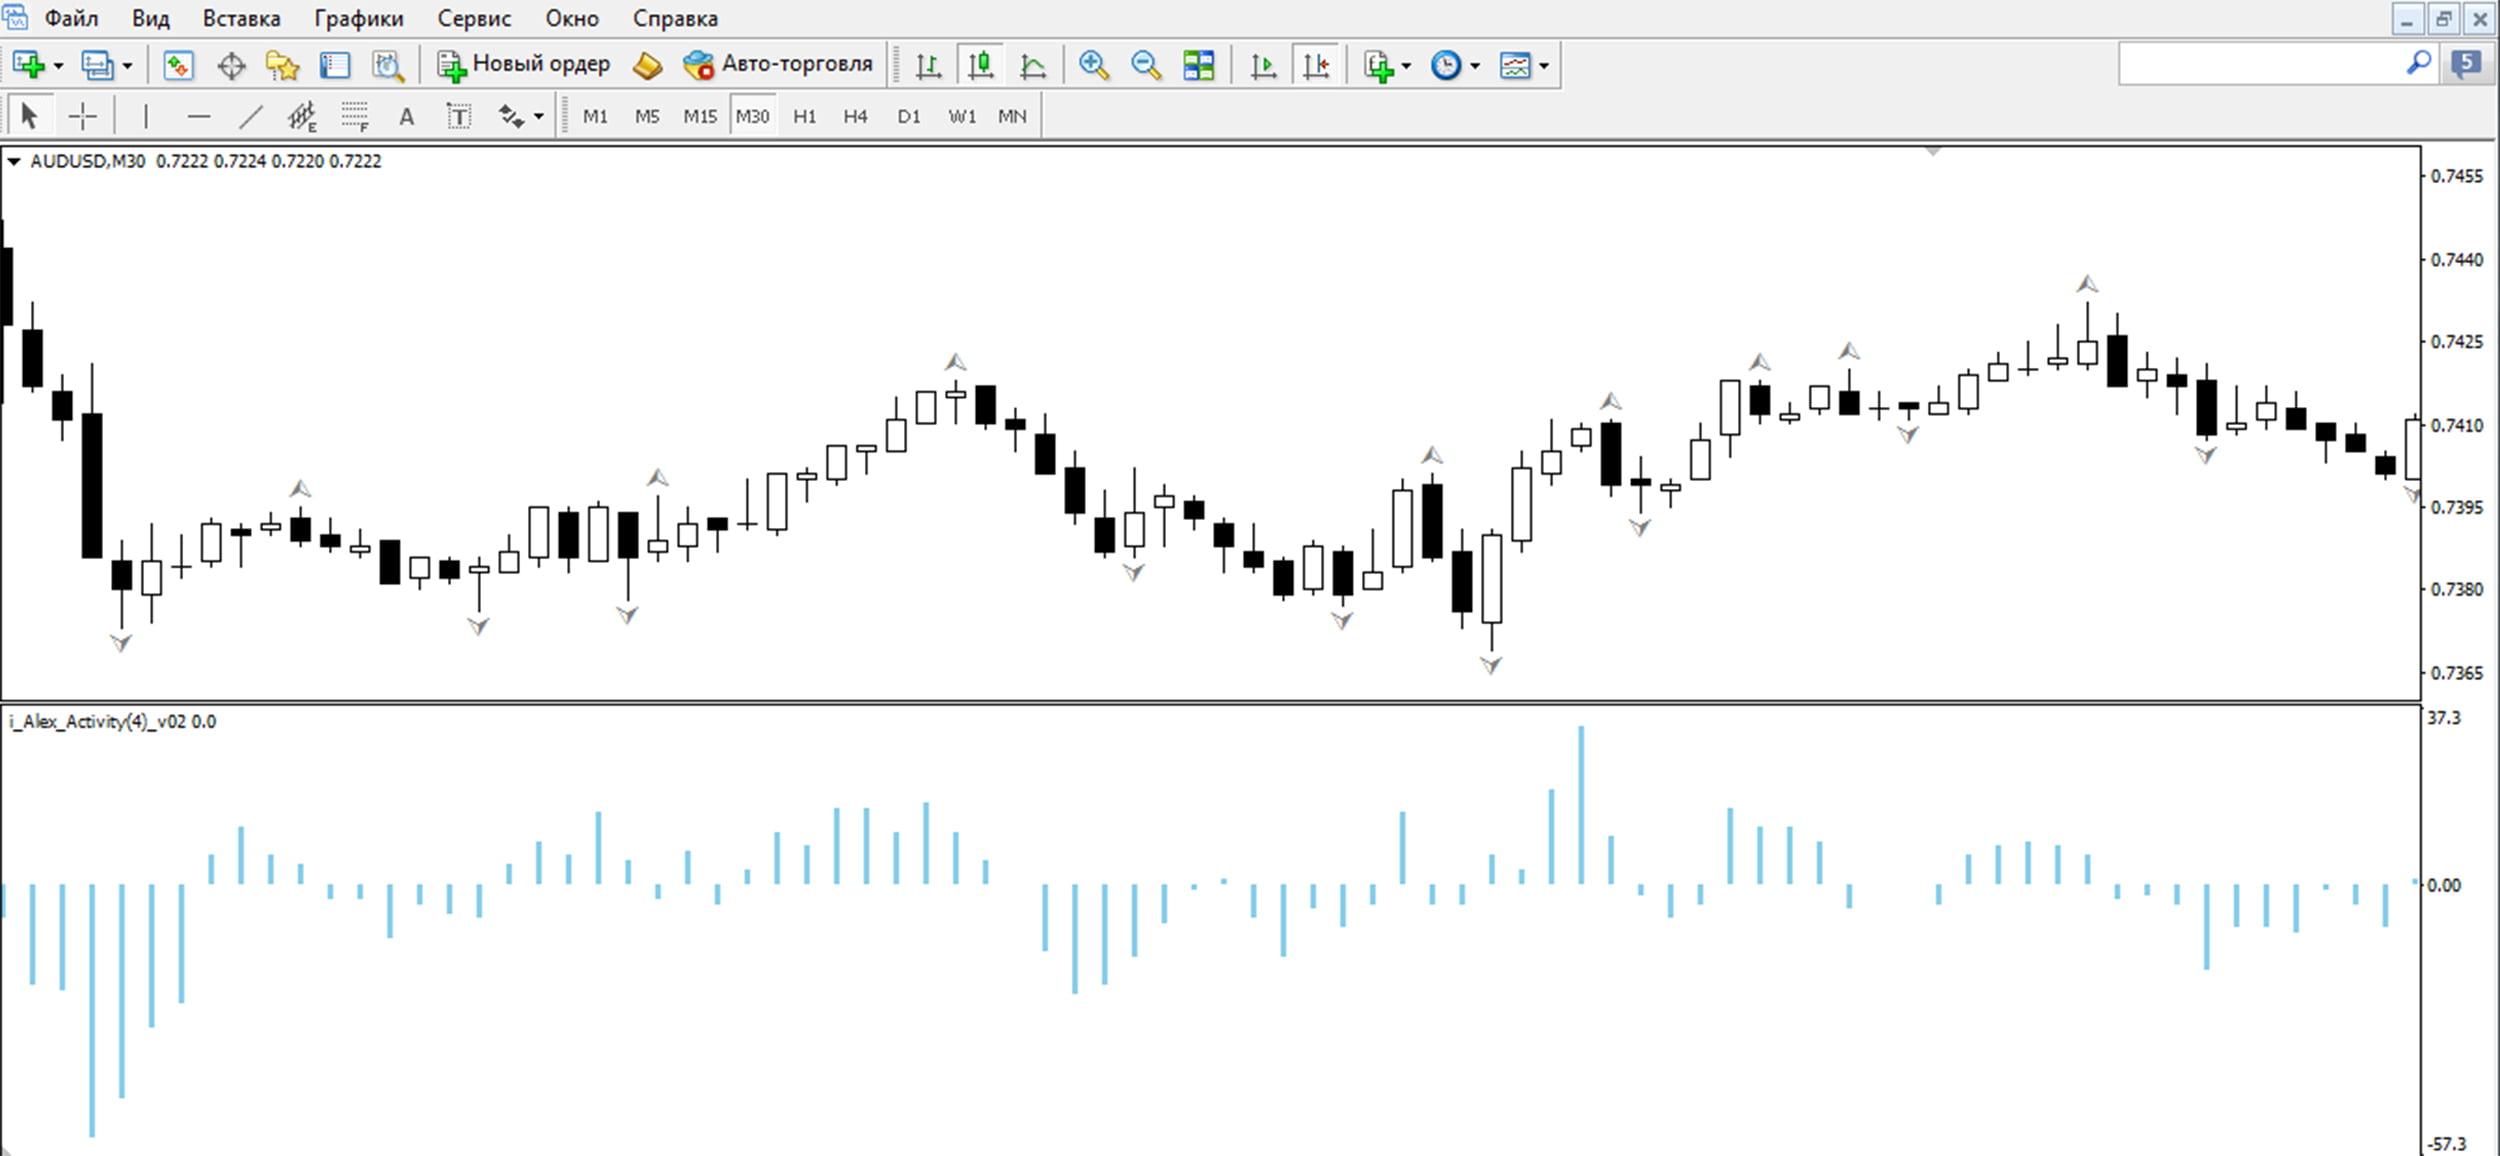 Вид графика точной стратегии для бинарных опционов